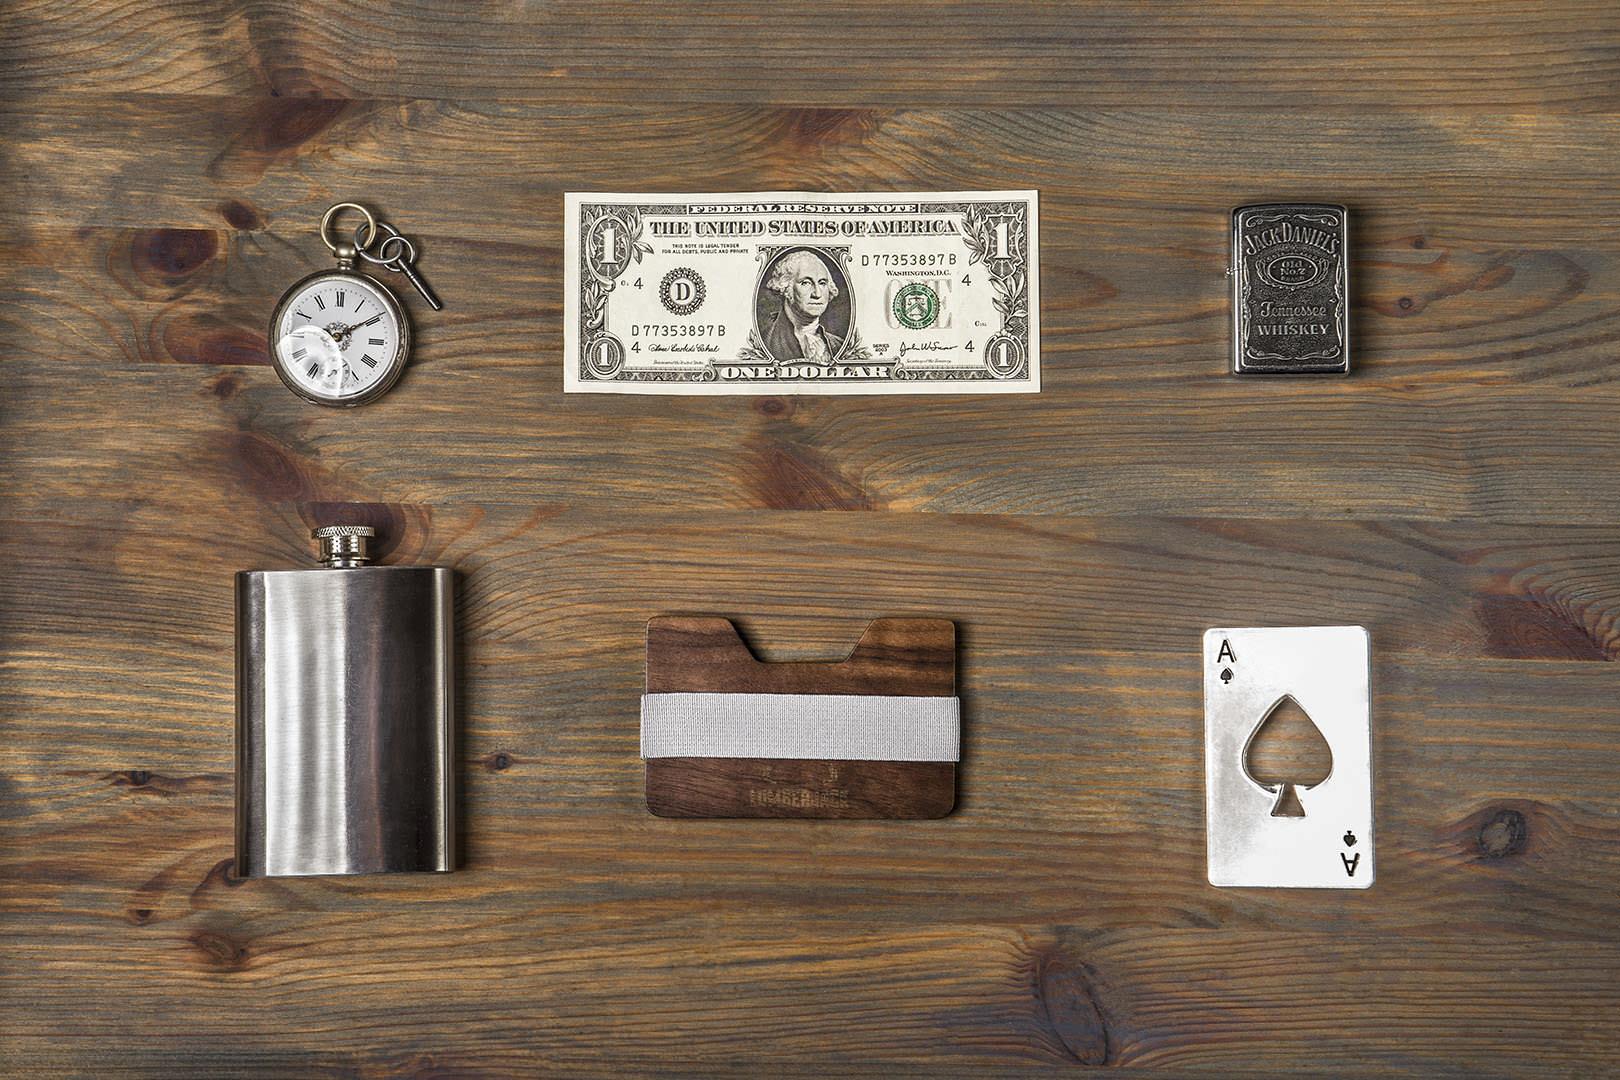 lumberjack_wallet_15